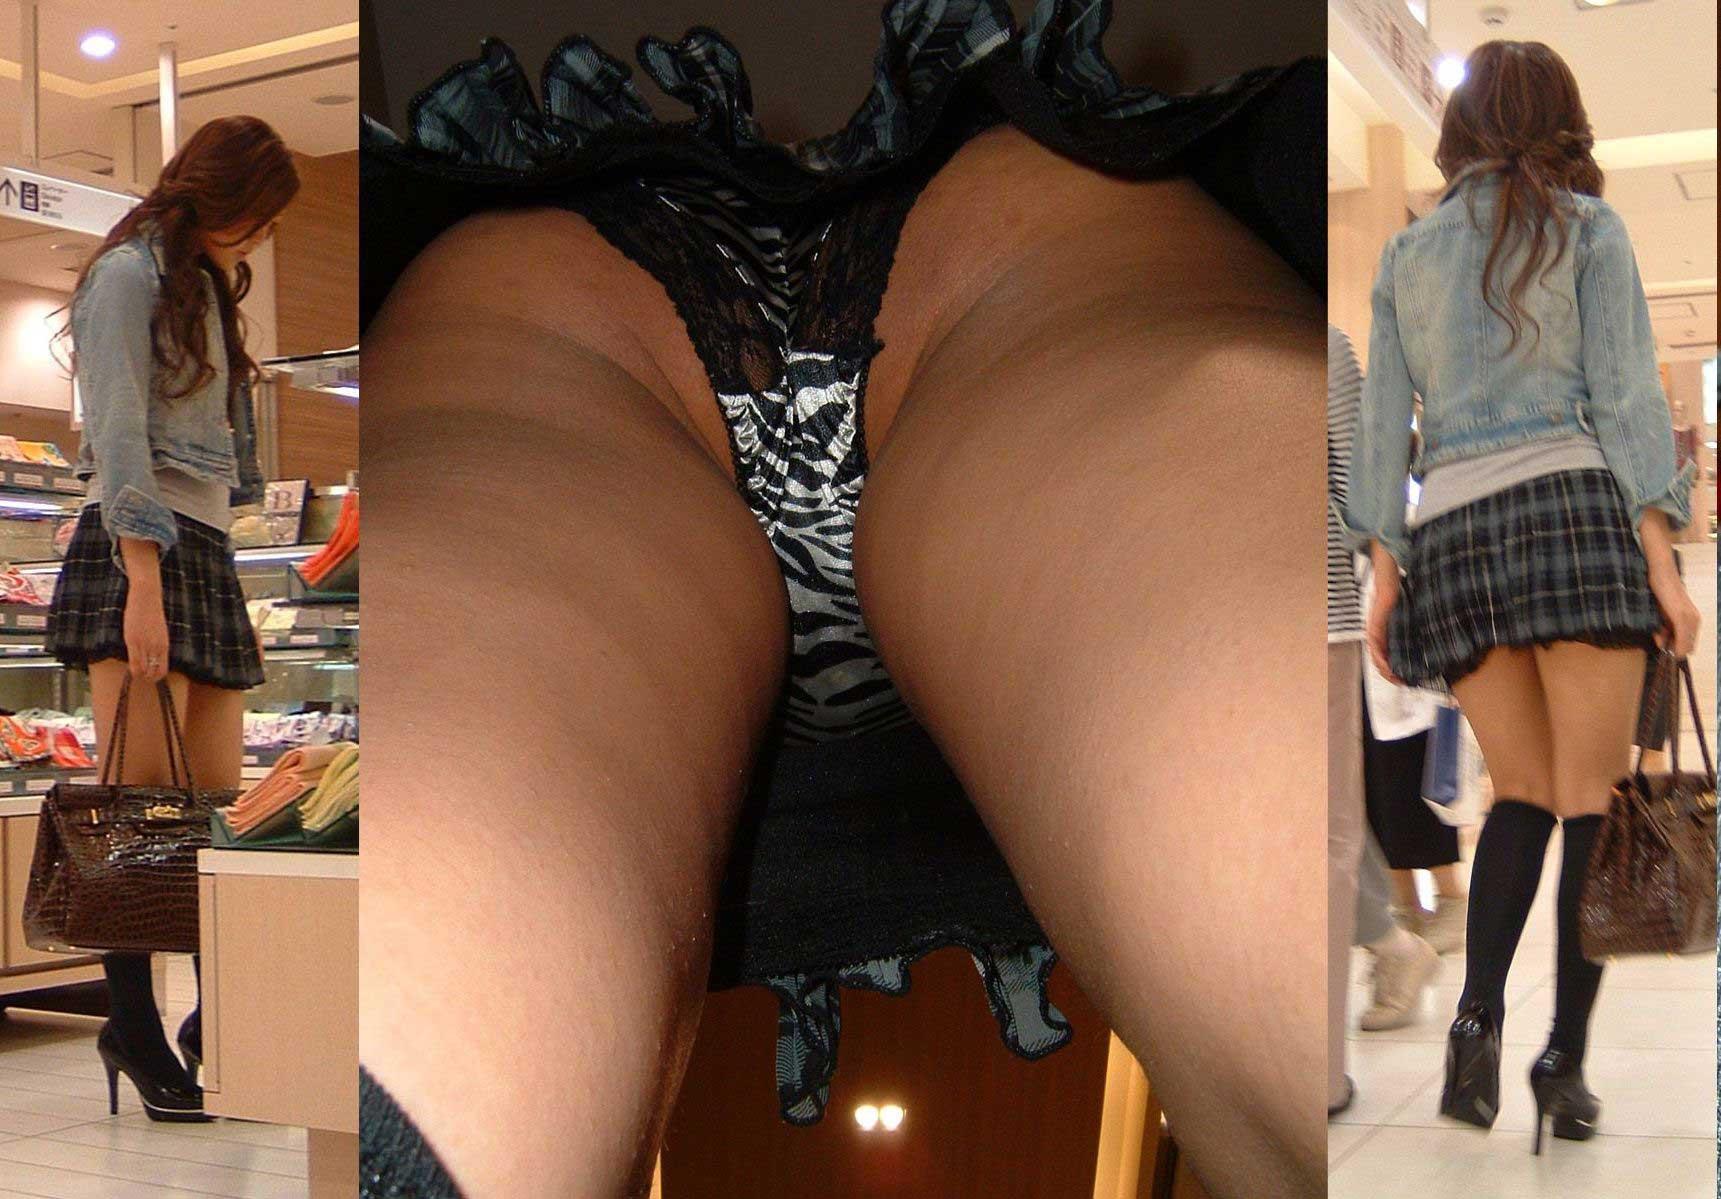 【パンチラエロ画像】下着及び尻のほぼ全体が暴かれる!無敵の逆さ撮りパンチラ(;´Д`)